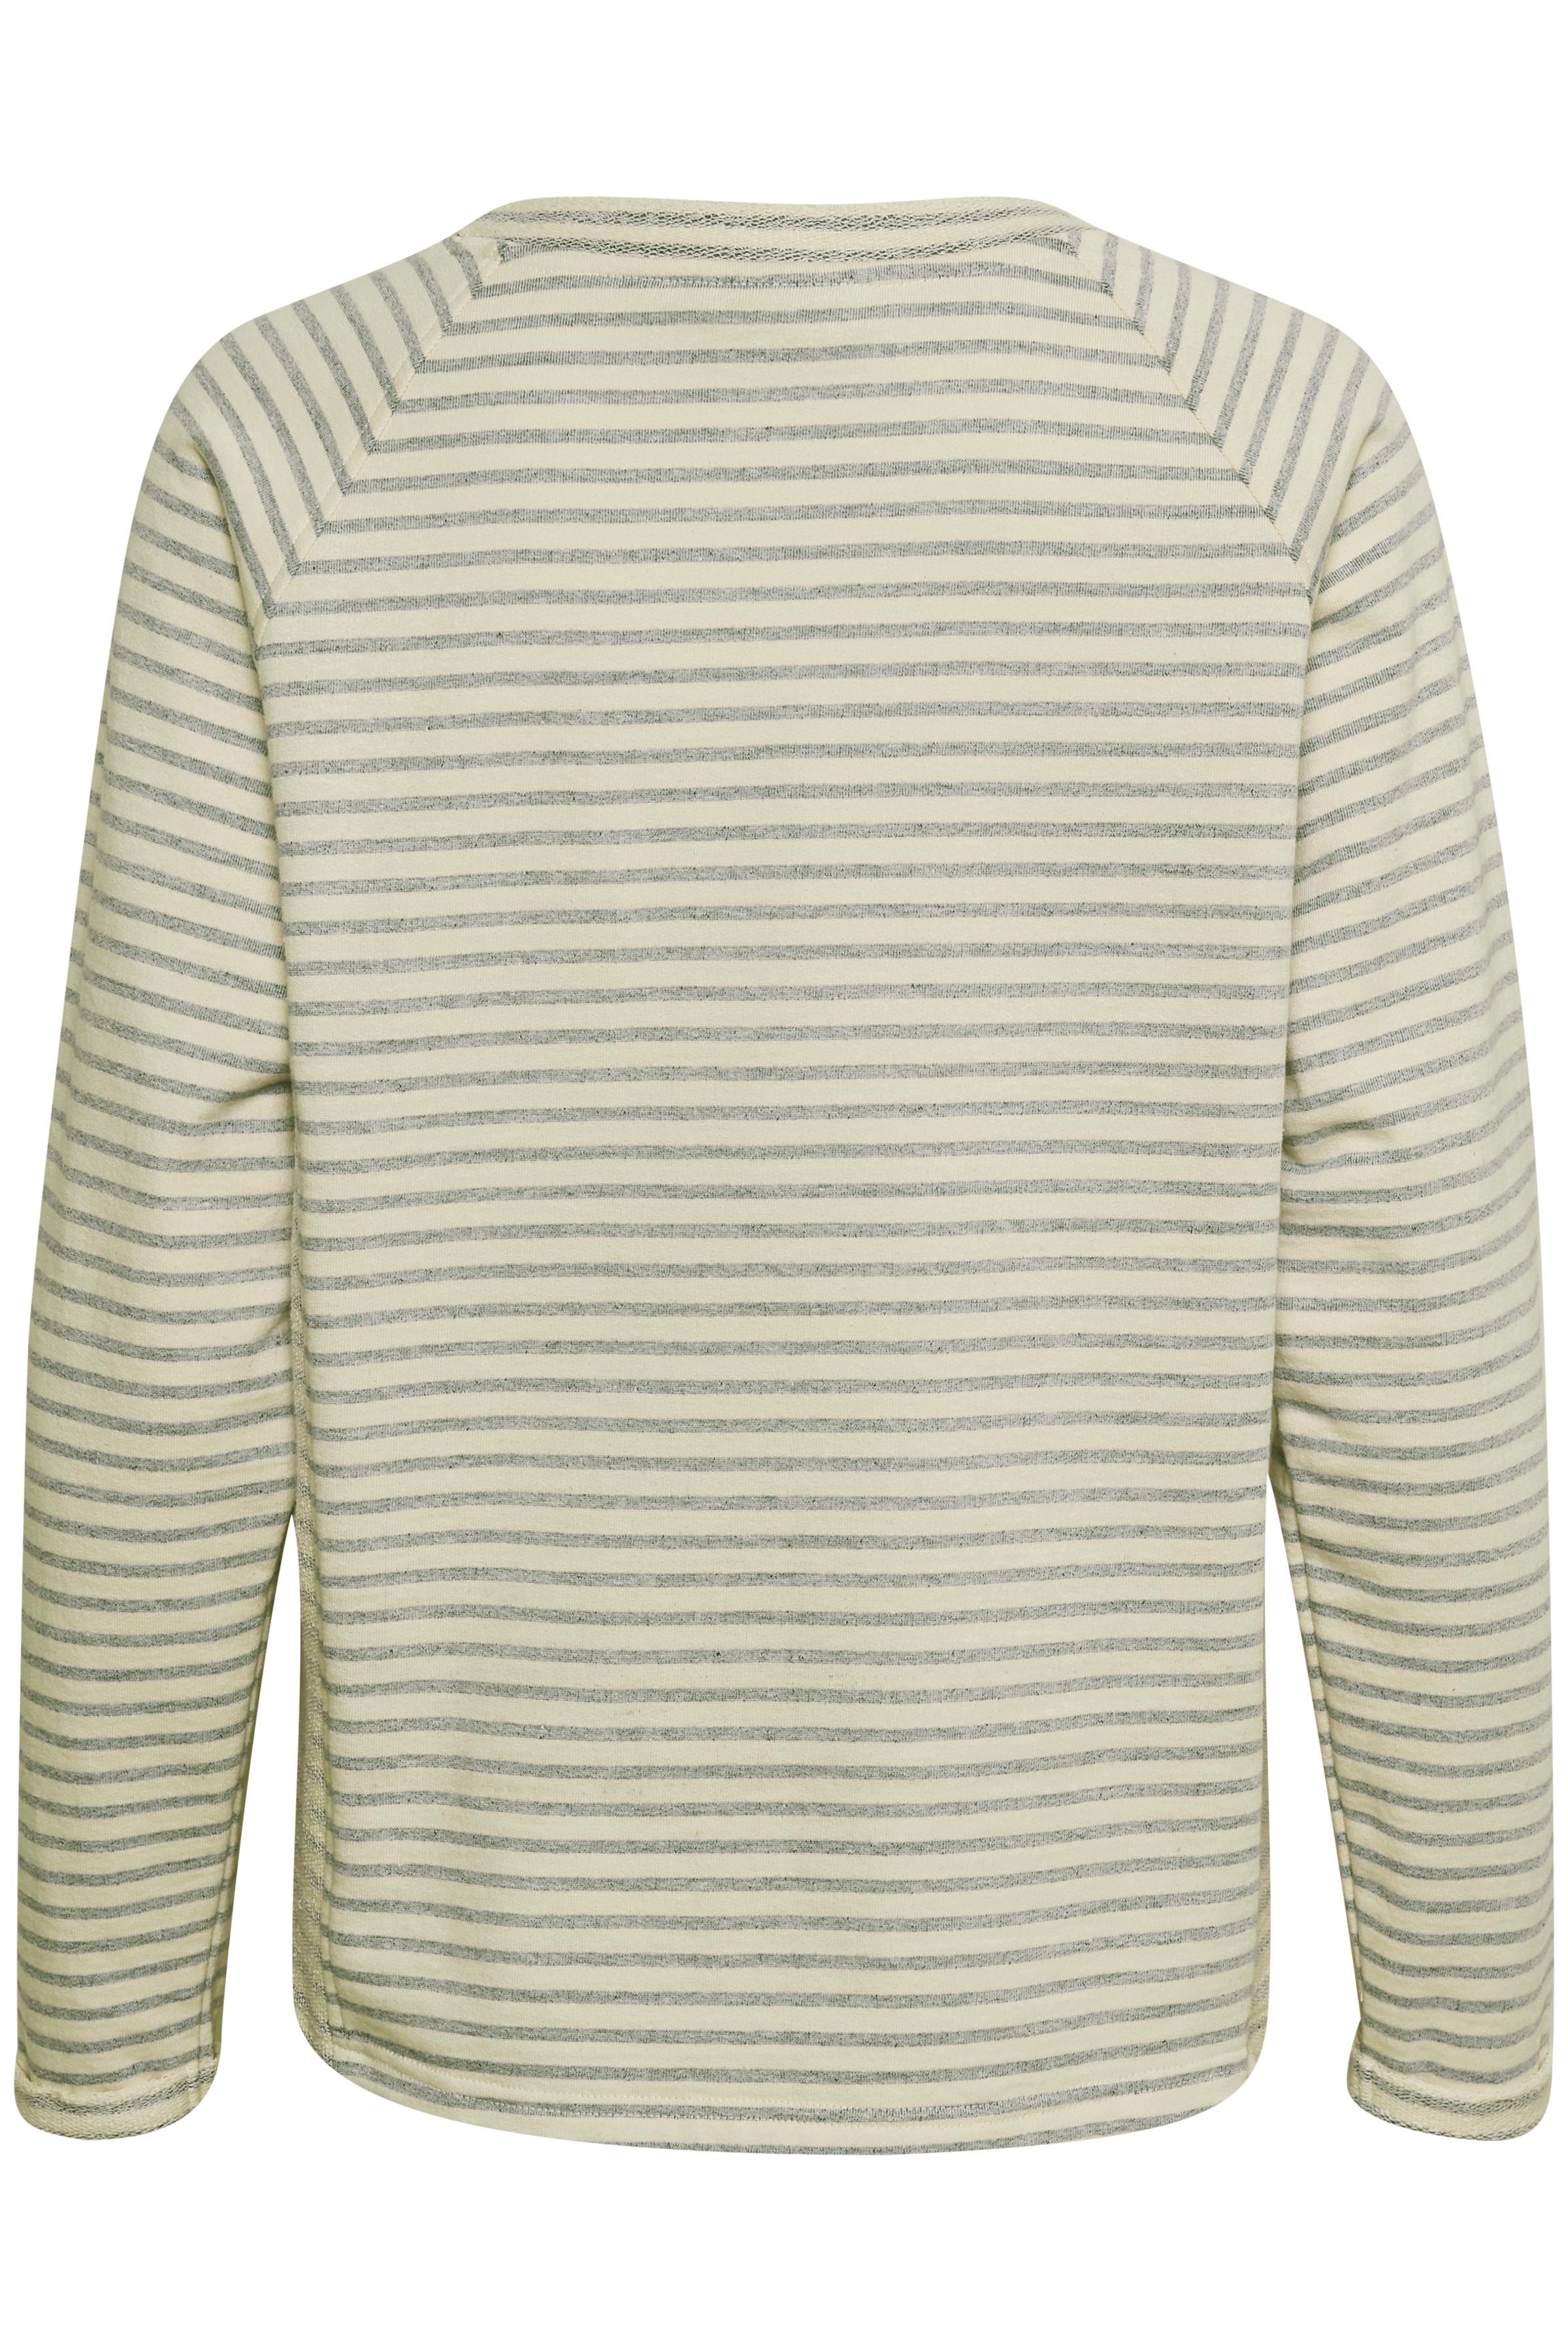 Marineblå Langærmet bluse fra b.young – Køb Marineblå Langærmet bluse fra str. XS-XXL her